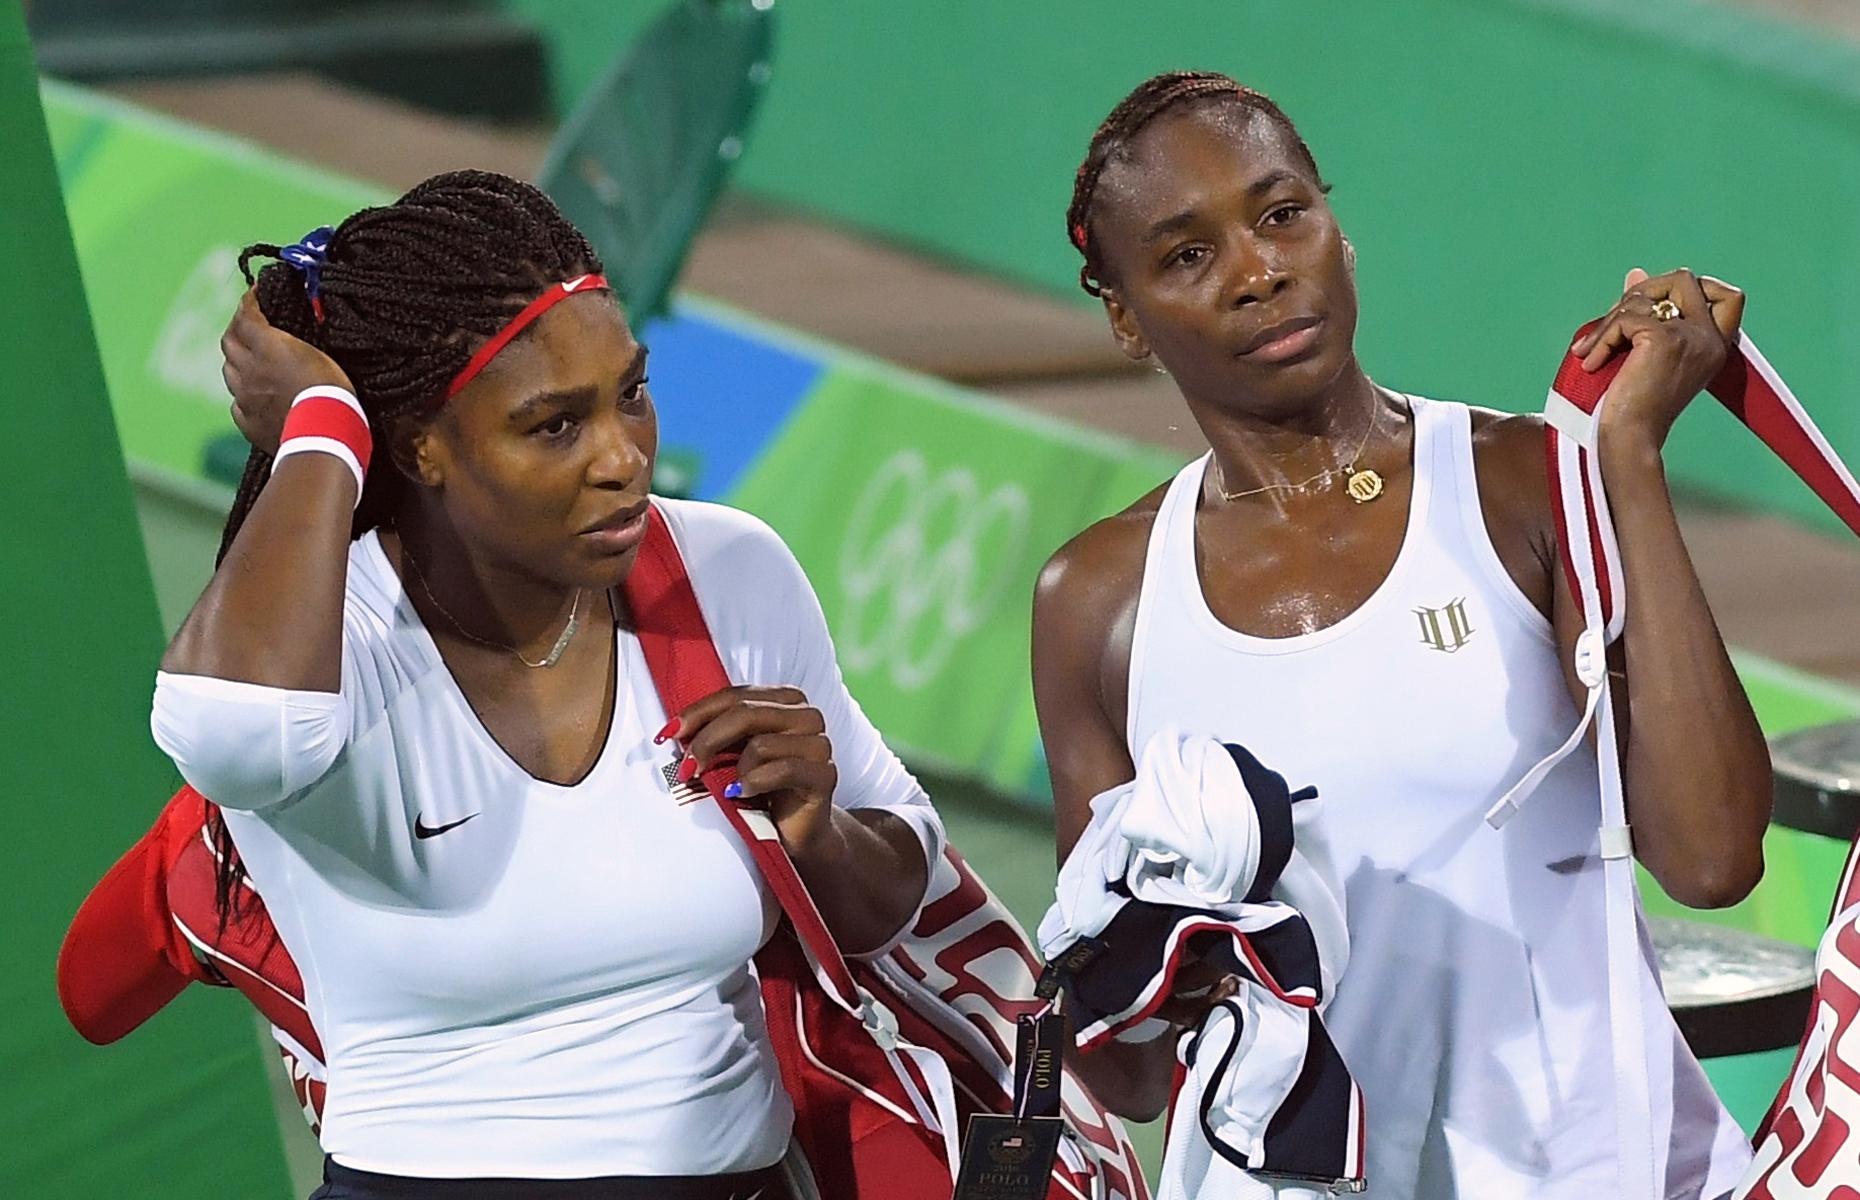 Serena et Venus Williams ont été éliminées du tournoi de tennis en double, le 7 août à Rio de Janeiro.